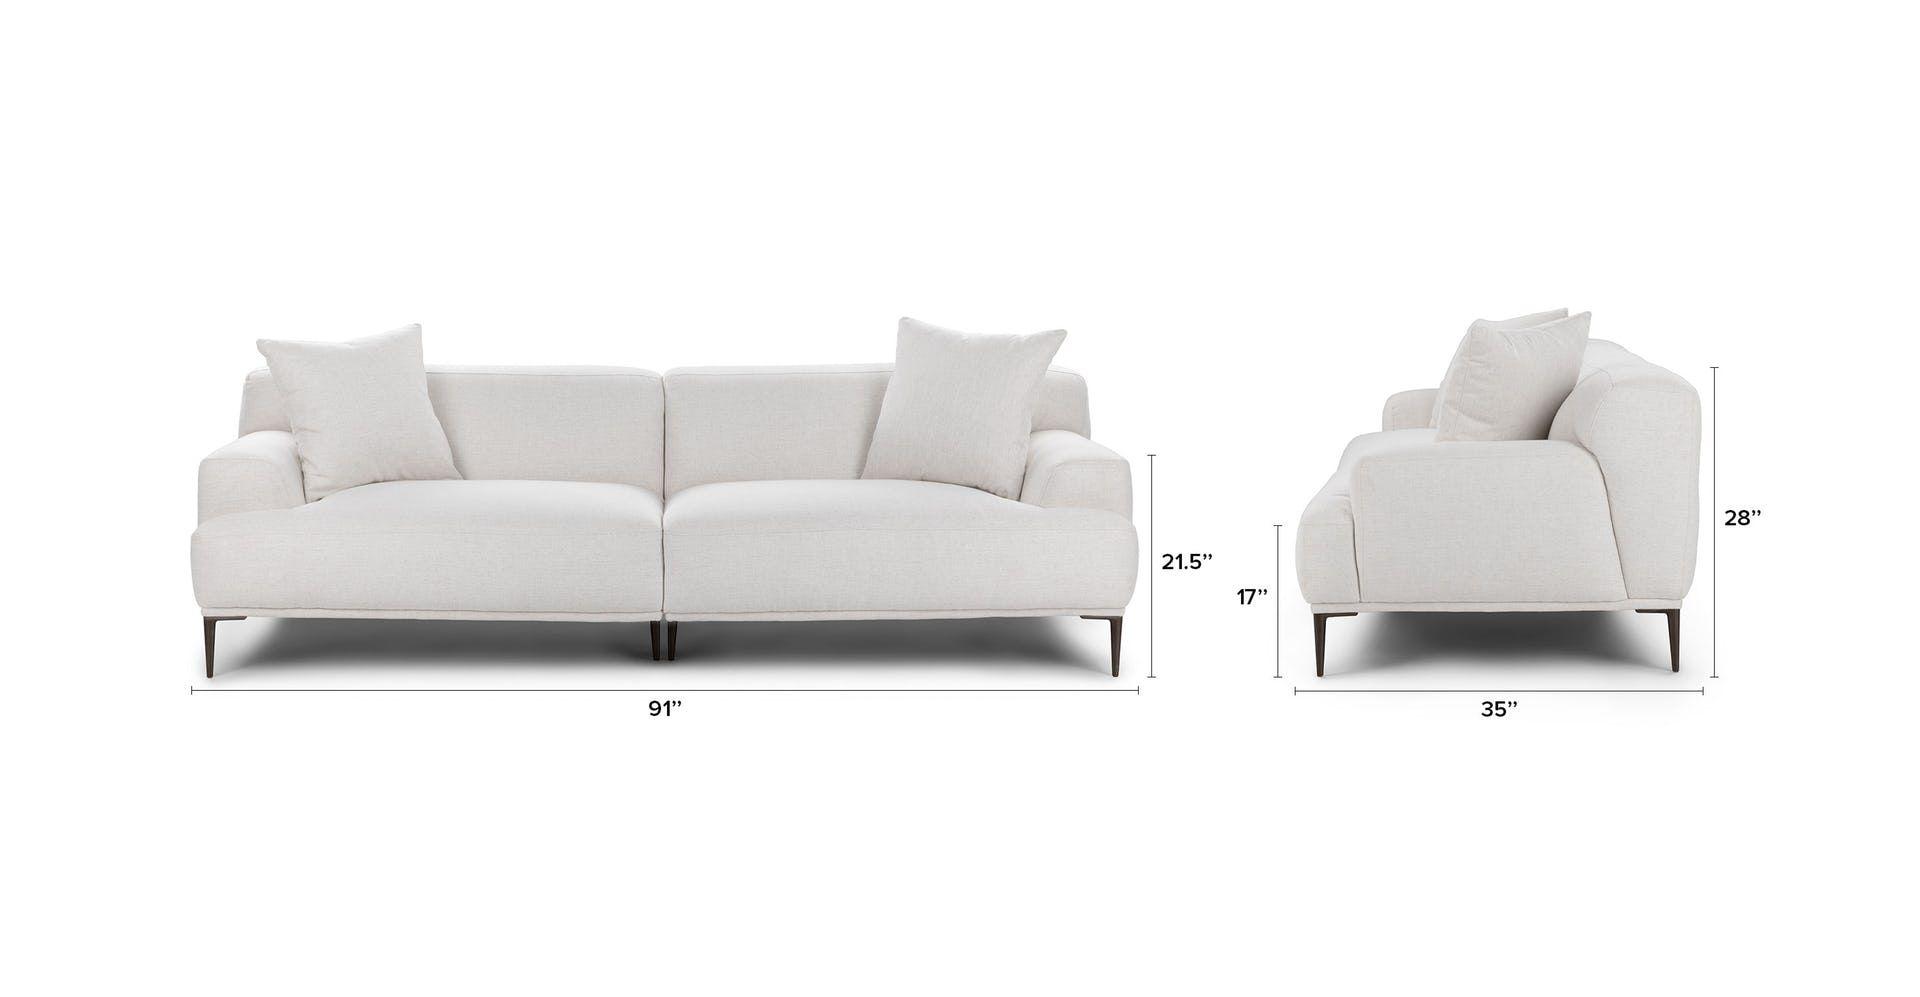 Abisko Quartz White Sofa With Images